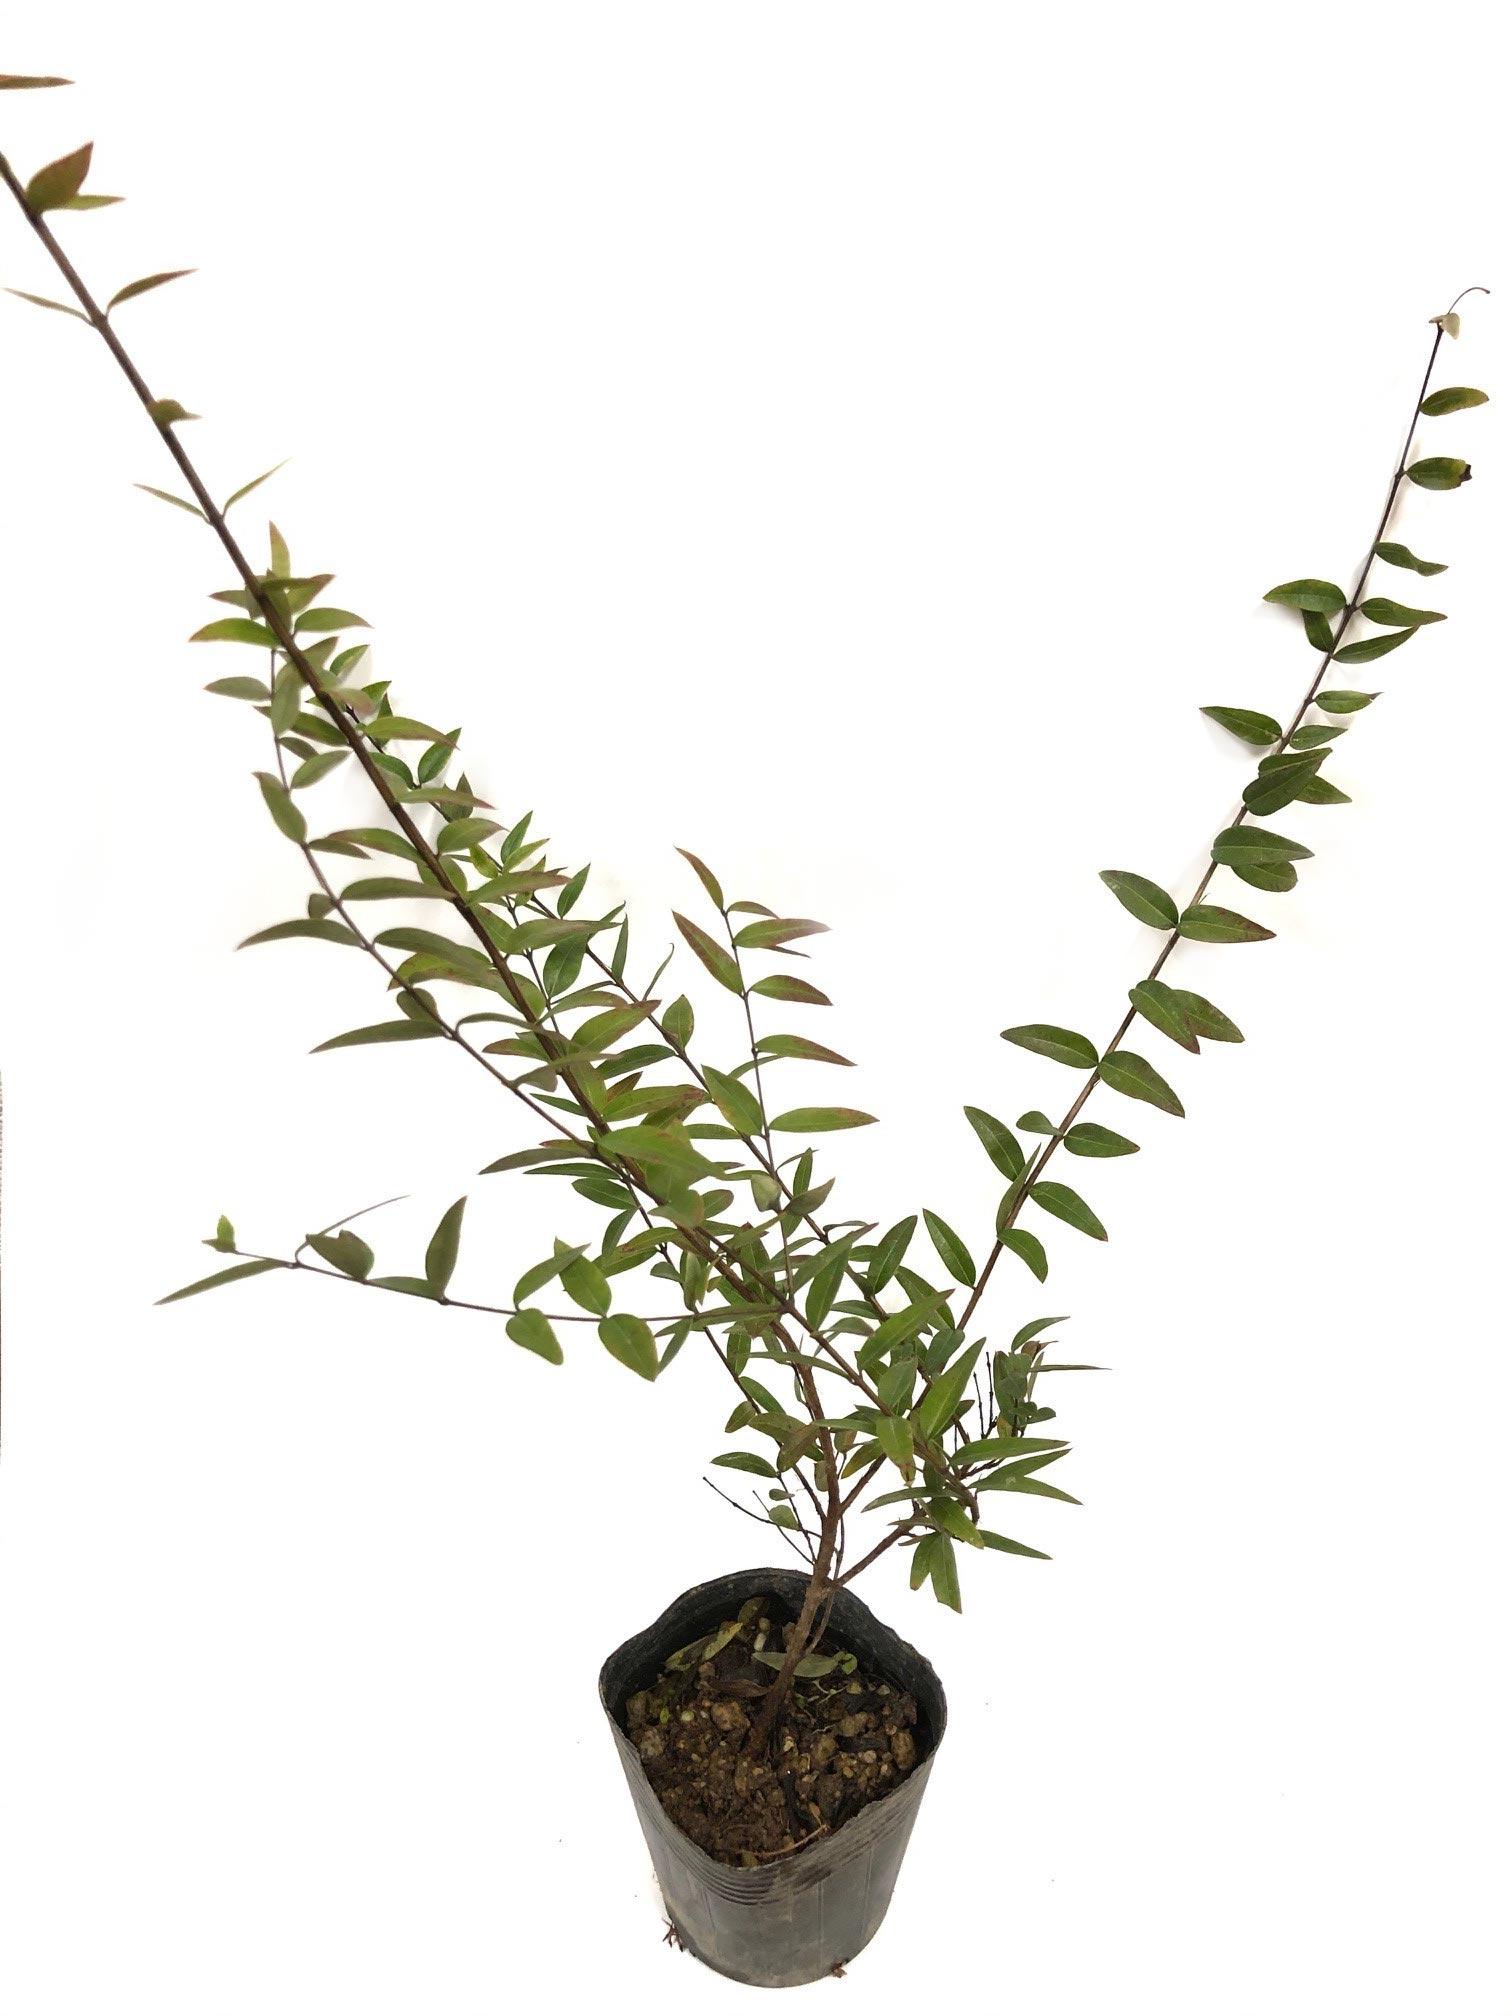 2020年1月27日~2月27日 JGN会員限定プレゼント! これからご入会の方もご応募いただけます! ちょっと珍しい樹木を育ててみませんか?第2弾シルキーベリーを2名様にご提供:金華園様シルキーベリーの苗7.5㎝ポットのイメージ